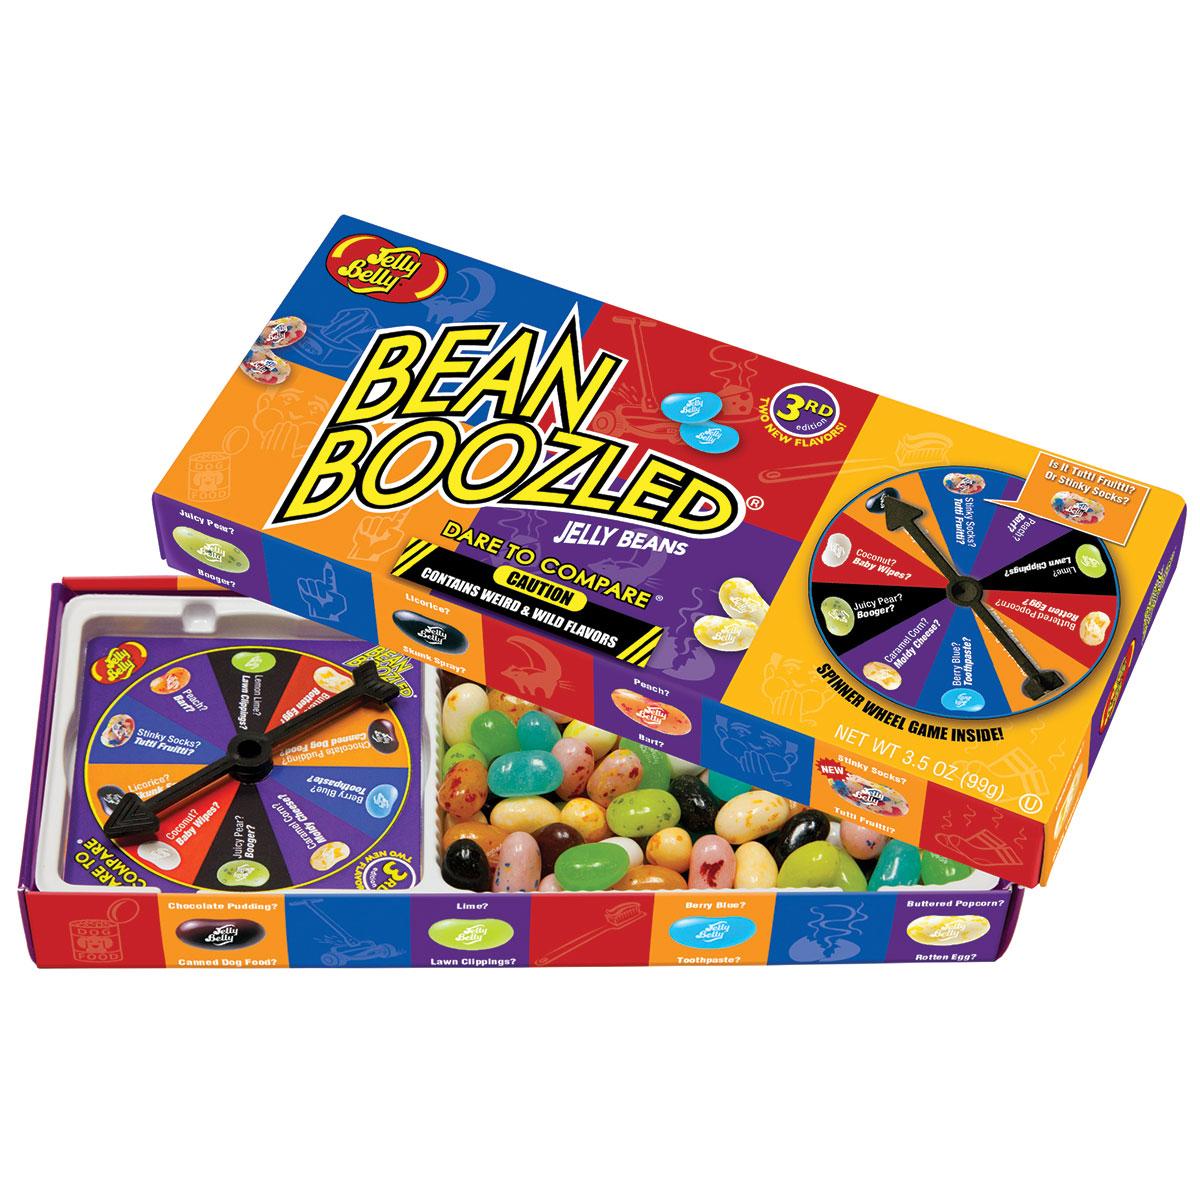 Jelly Belly Bean Boozled Game Драже жевательное + игра, 100 г71567990516Конфеты Jelly Belly в последнее время стали очень популярны за свой удивительный вкус, который передаётся на 100% правдоподобно. Так что эти конфеты действительно ну очень вкусные. Попробовав одну конфетку, будет сложно остановится! Набор содержит конфетки со странными вкусами: собачьего корма, вонючих носков, скошенной травы, детских подгузников, тухлого яйца, зубной пасты, рвоты и соплей. Такое драже станет превосходным подарком-розыгрышем для ваших друзей. Сыграйте в веселую игру - вращайте барабан и посмотрите, какой цвет вам выпал, а затем съешьте конфету указанного цвета. Вкусные и странные конфетки имеют одинаковый цвет. Тутти-фрутти или вонючие носки? Лайм или скошенная трава? Попкорн с маслом или тухлое яйцо? Голубика или зубная паста? Персик или рвота? Шоколадный пудинг или собачий корм? Сочная груша или сопли? Кокос или детские подгузники? Сравните эти невероятные и странные вкусы и разыграйте своих друзей! В комплект входит барабан для игры.